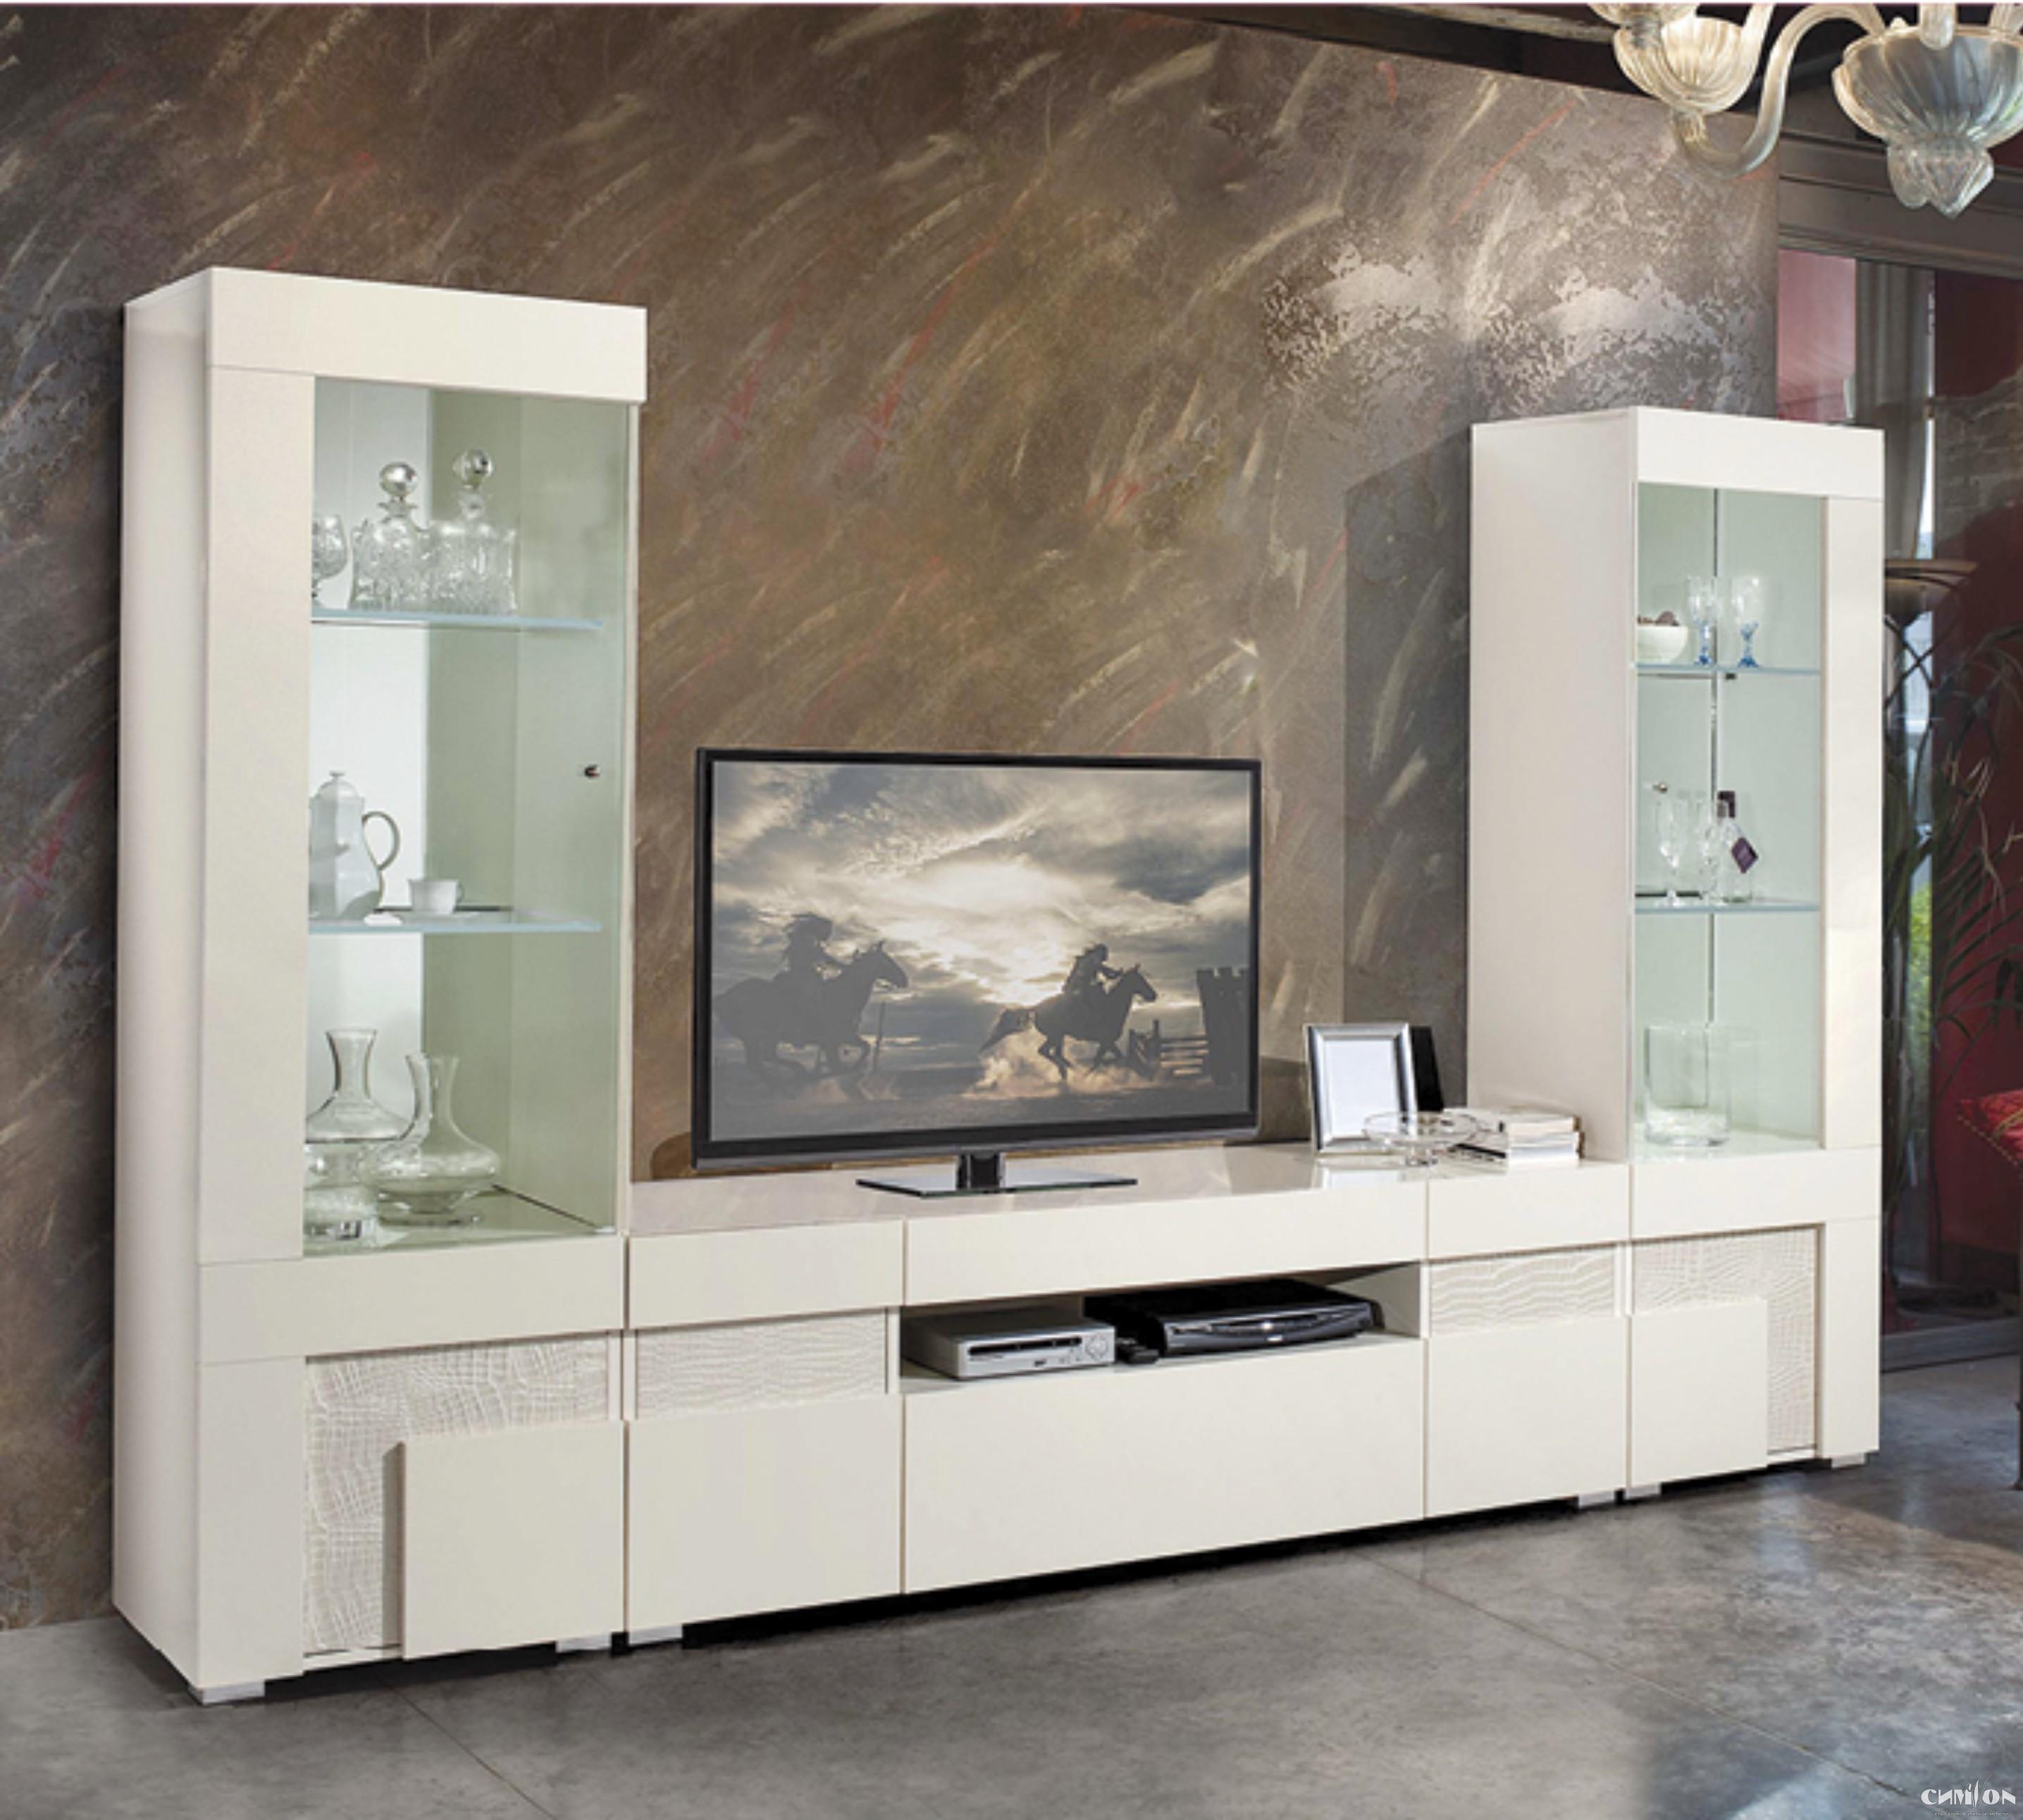 Купить гостиная современный стиль h2o design ancona в москве.